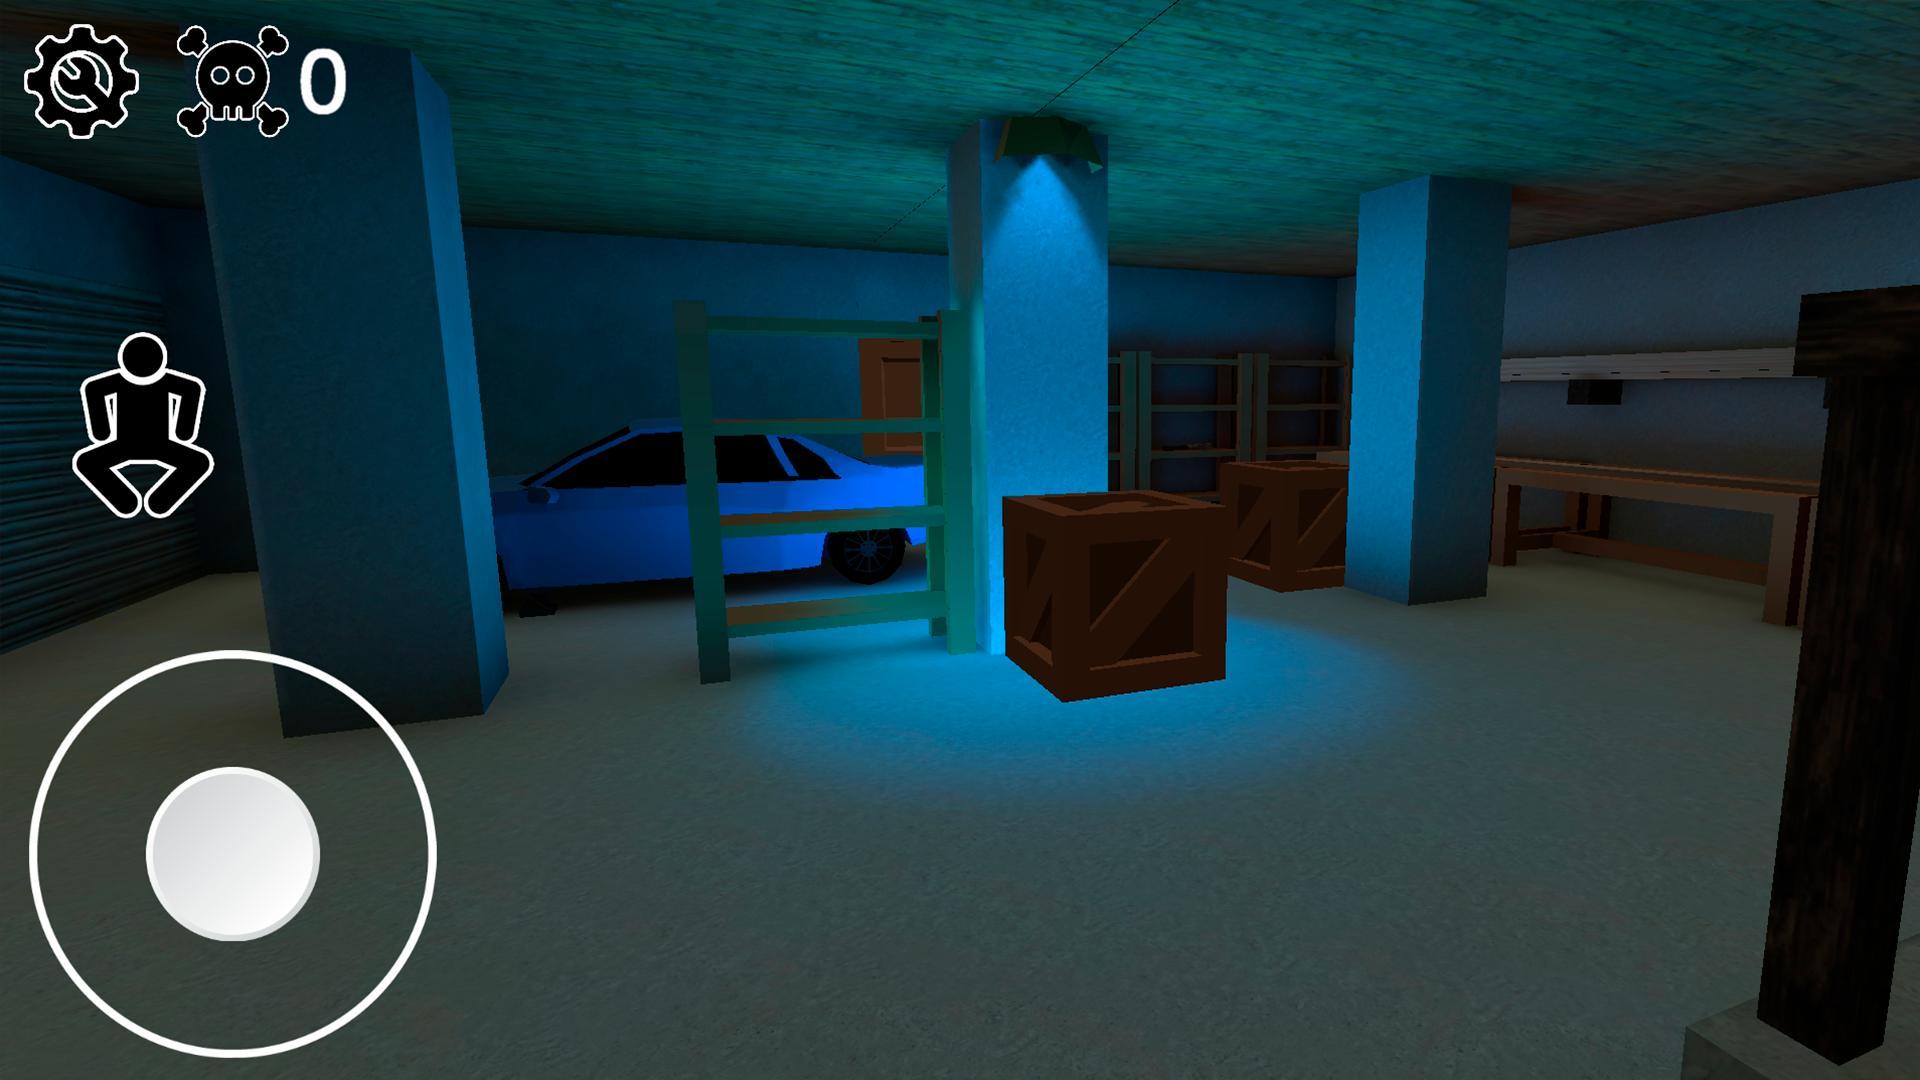 Grandpa And Granny House Escape 1.1.9 Screenshot 18